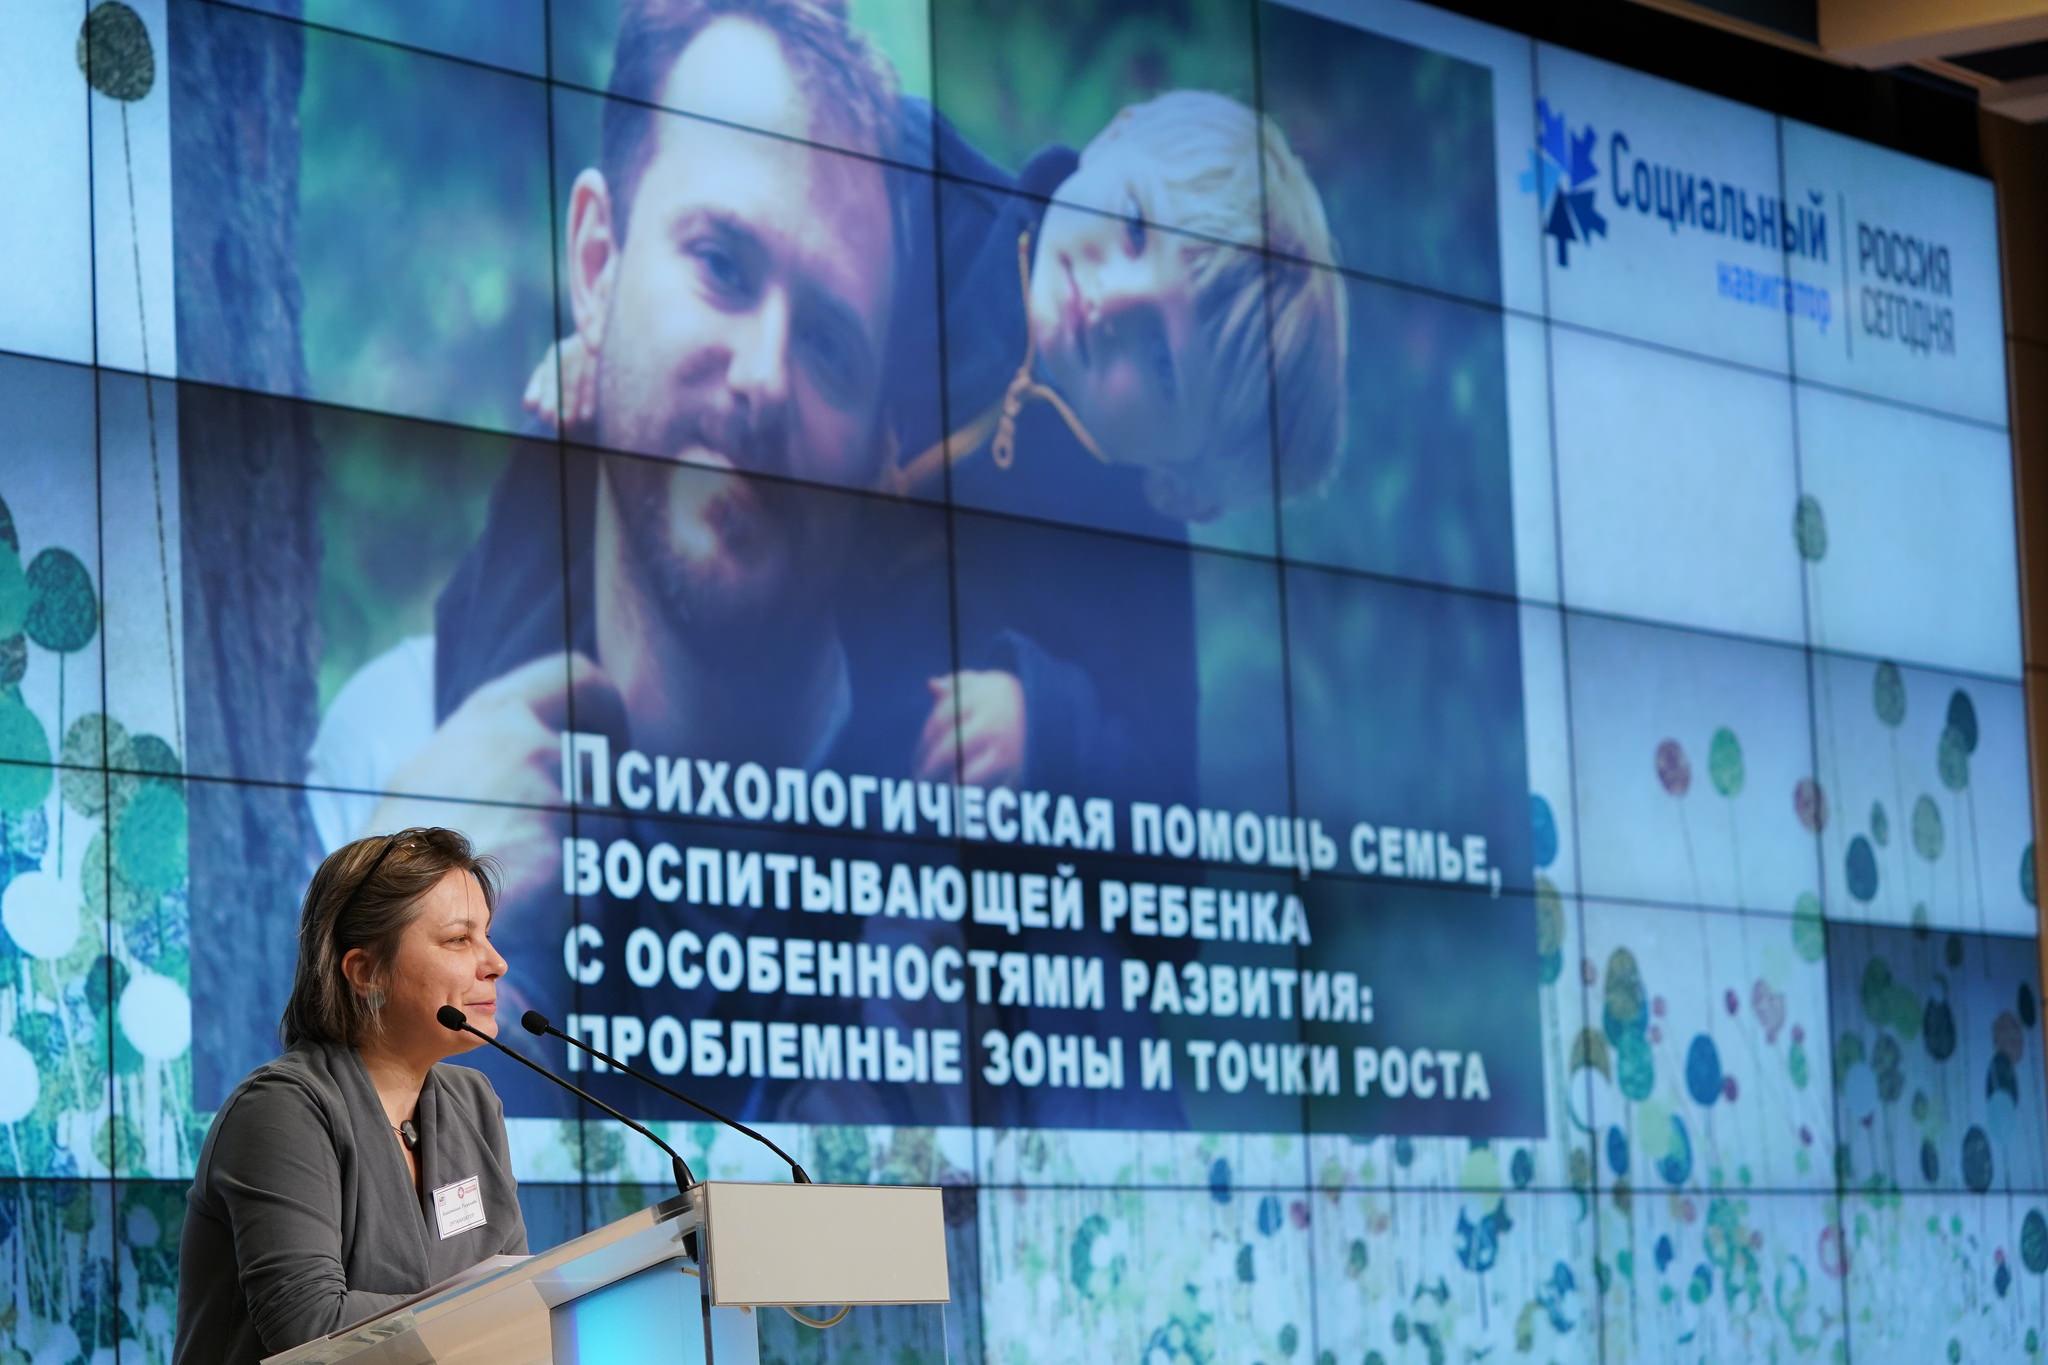 описание изображения Конференция «Психологическая помощь семье, а не только ребенку»